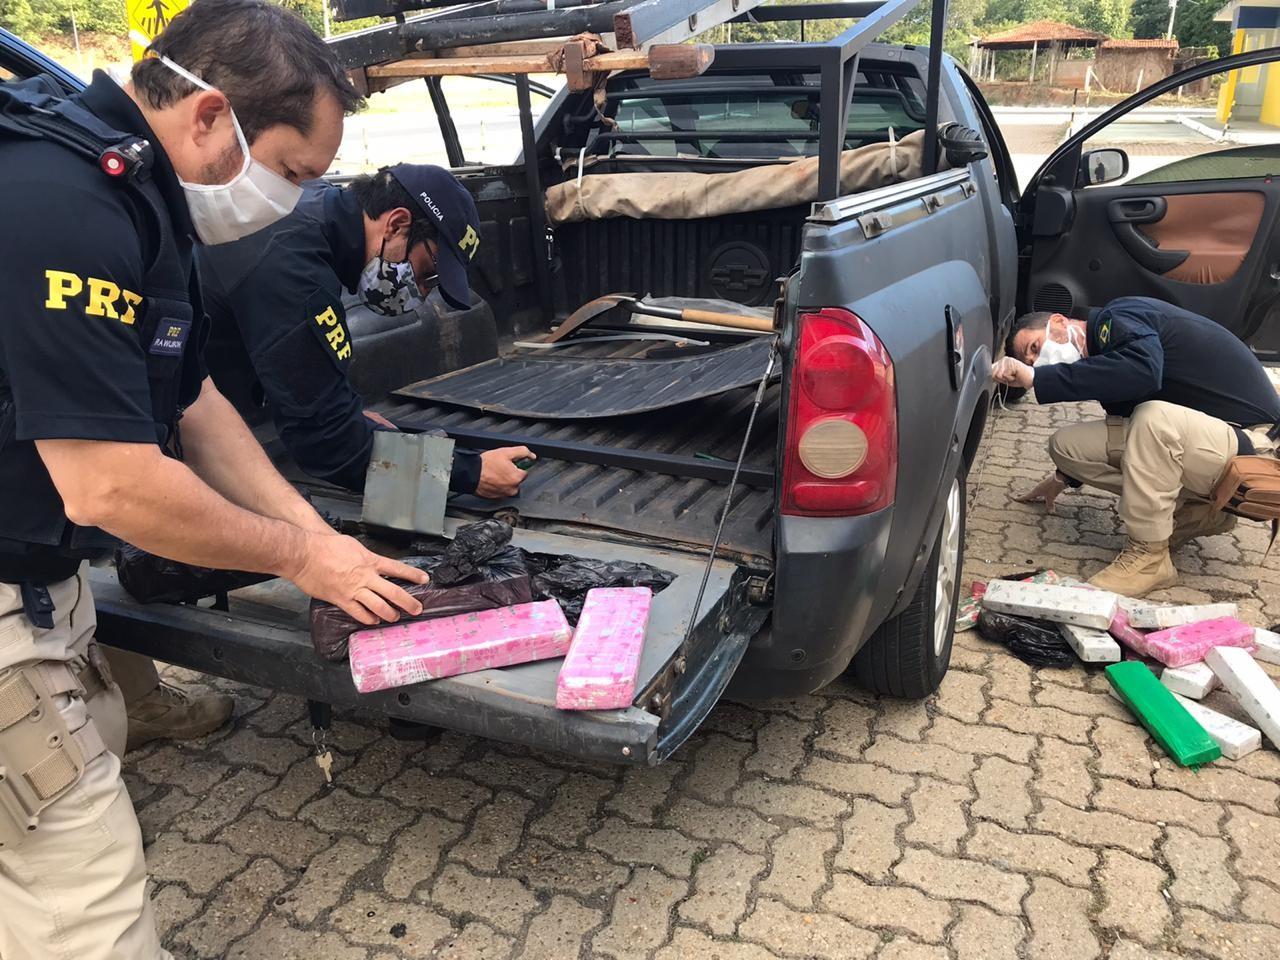 PRF apreende 65 quilos de maconha escondidos nas laterais, tampa traseira e painel de carro em Montes Claros